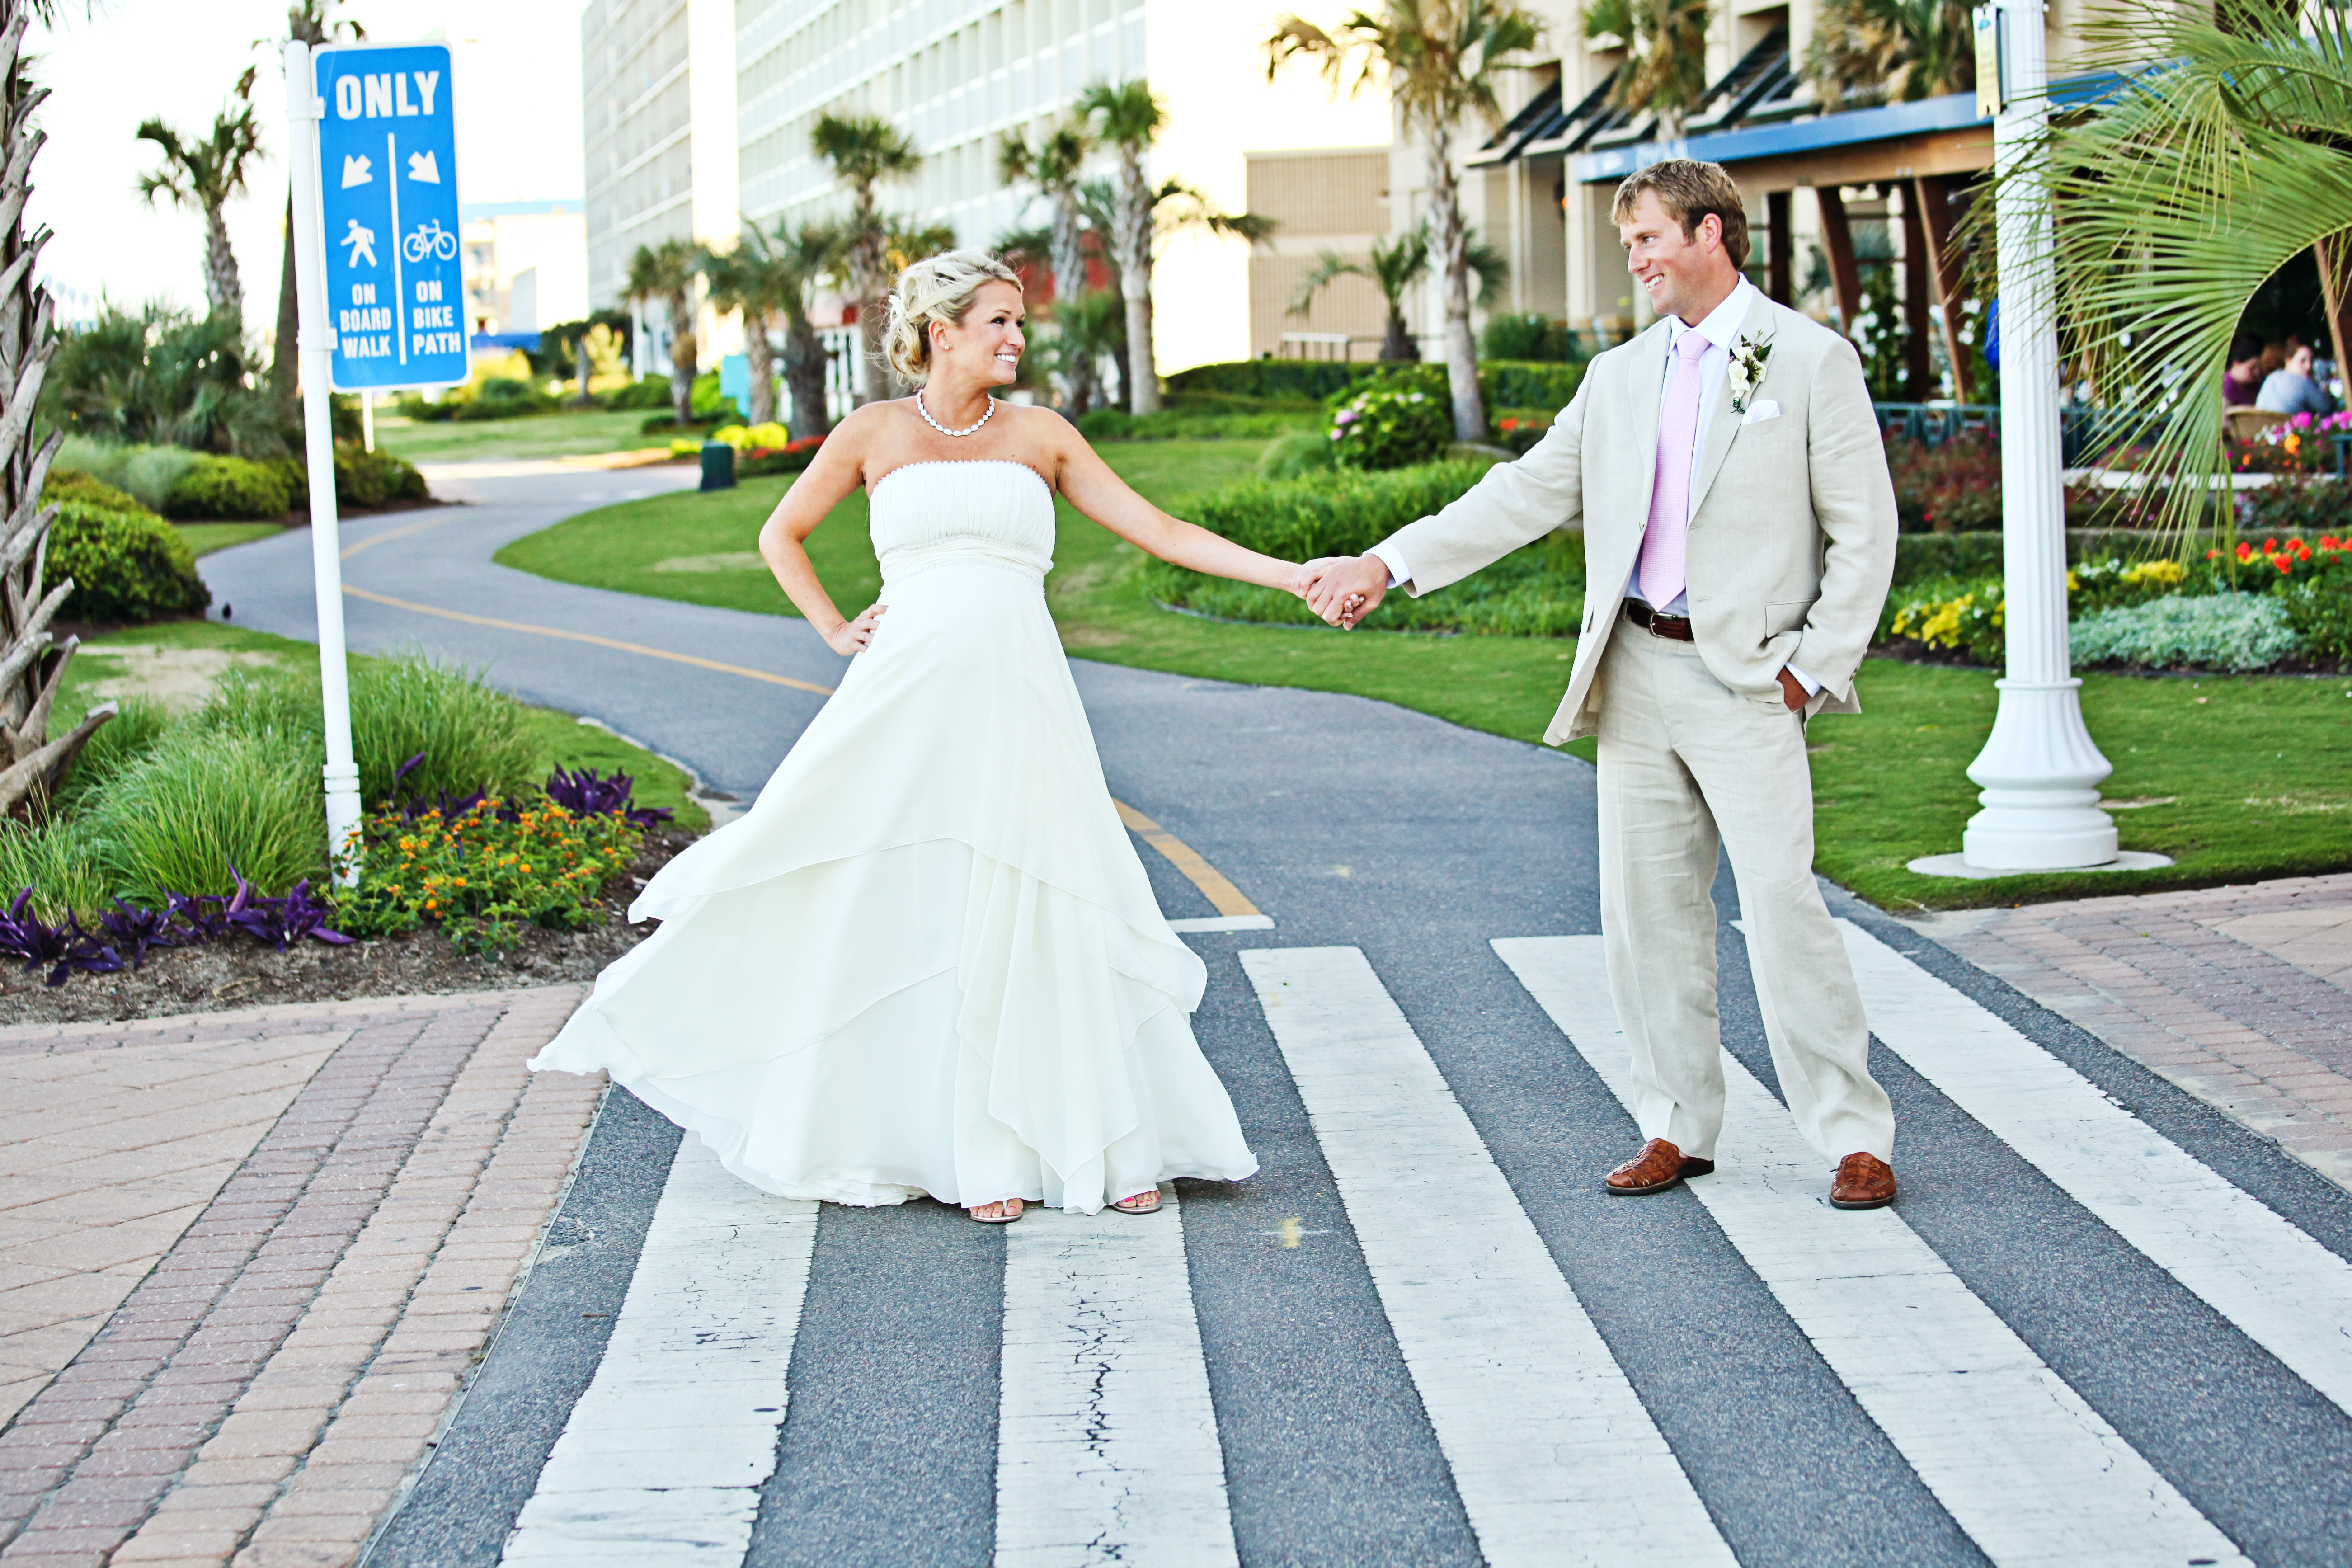 144 3 2065 jpeg 1348a792 23bb 4e4a 93c7 60549ab073b0 - virginia beach wedding planner